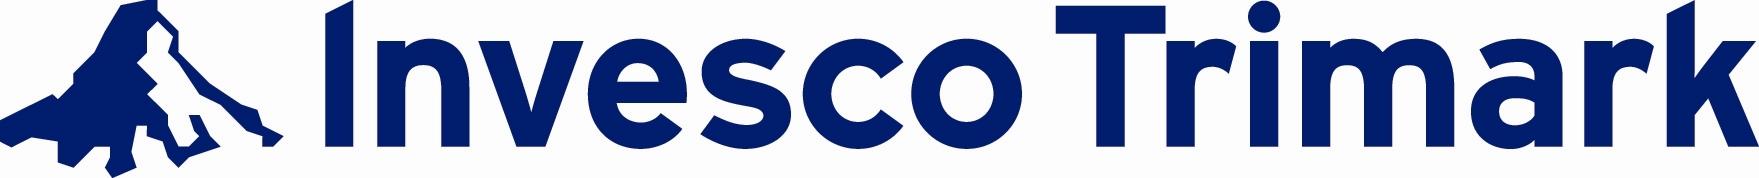 Invesco_Trimark_logo.JPG